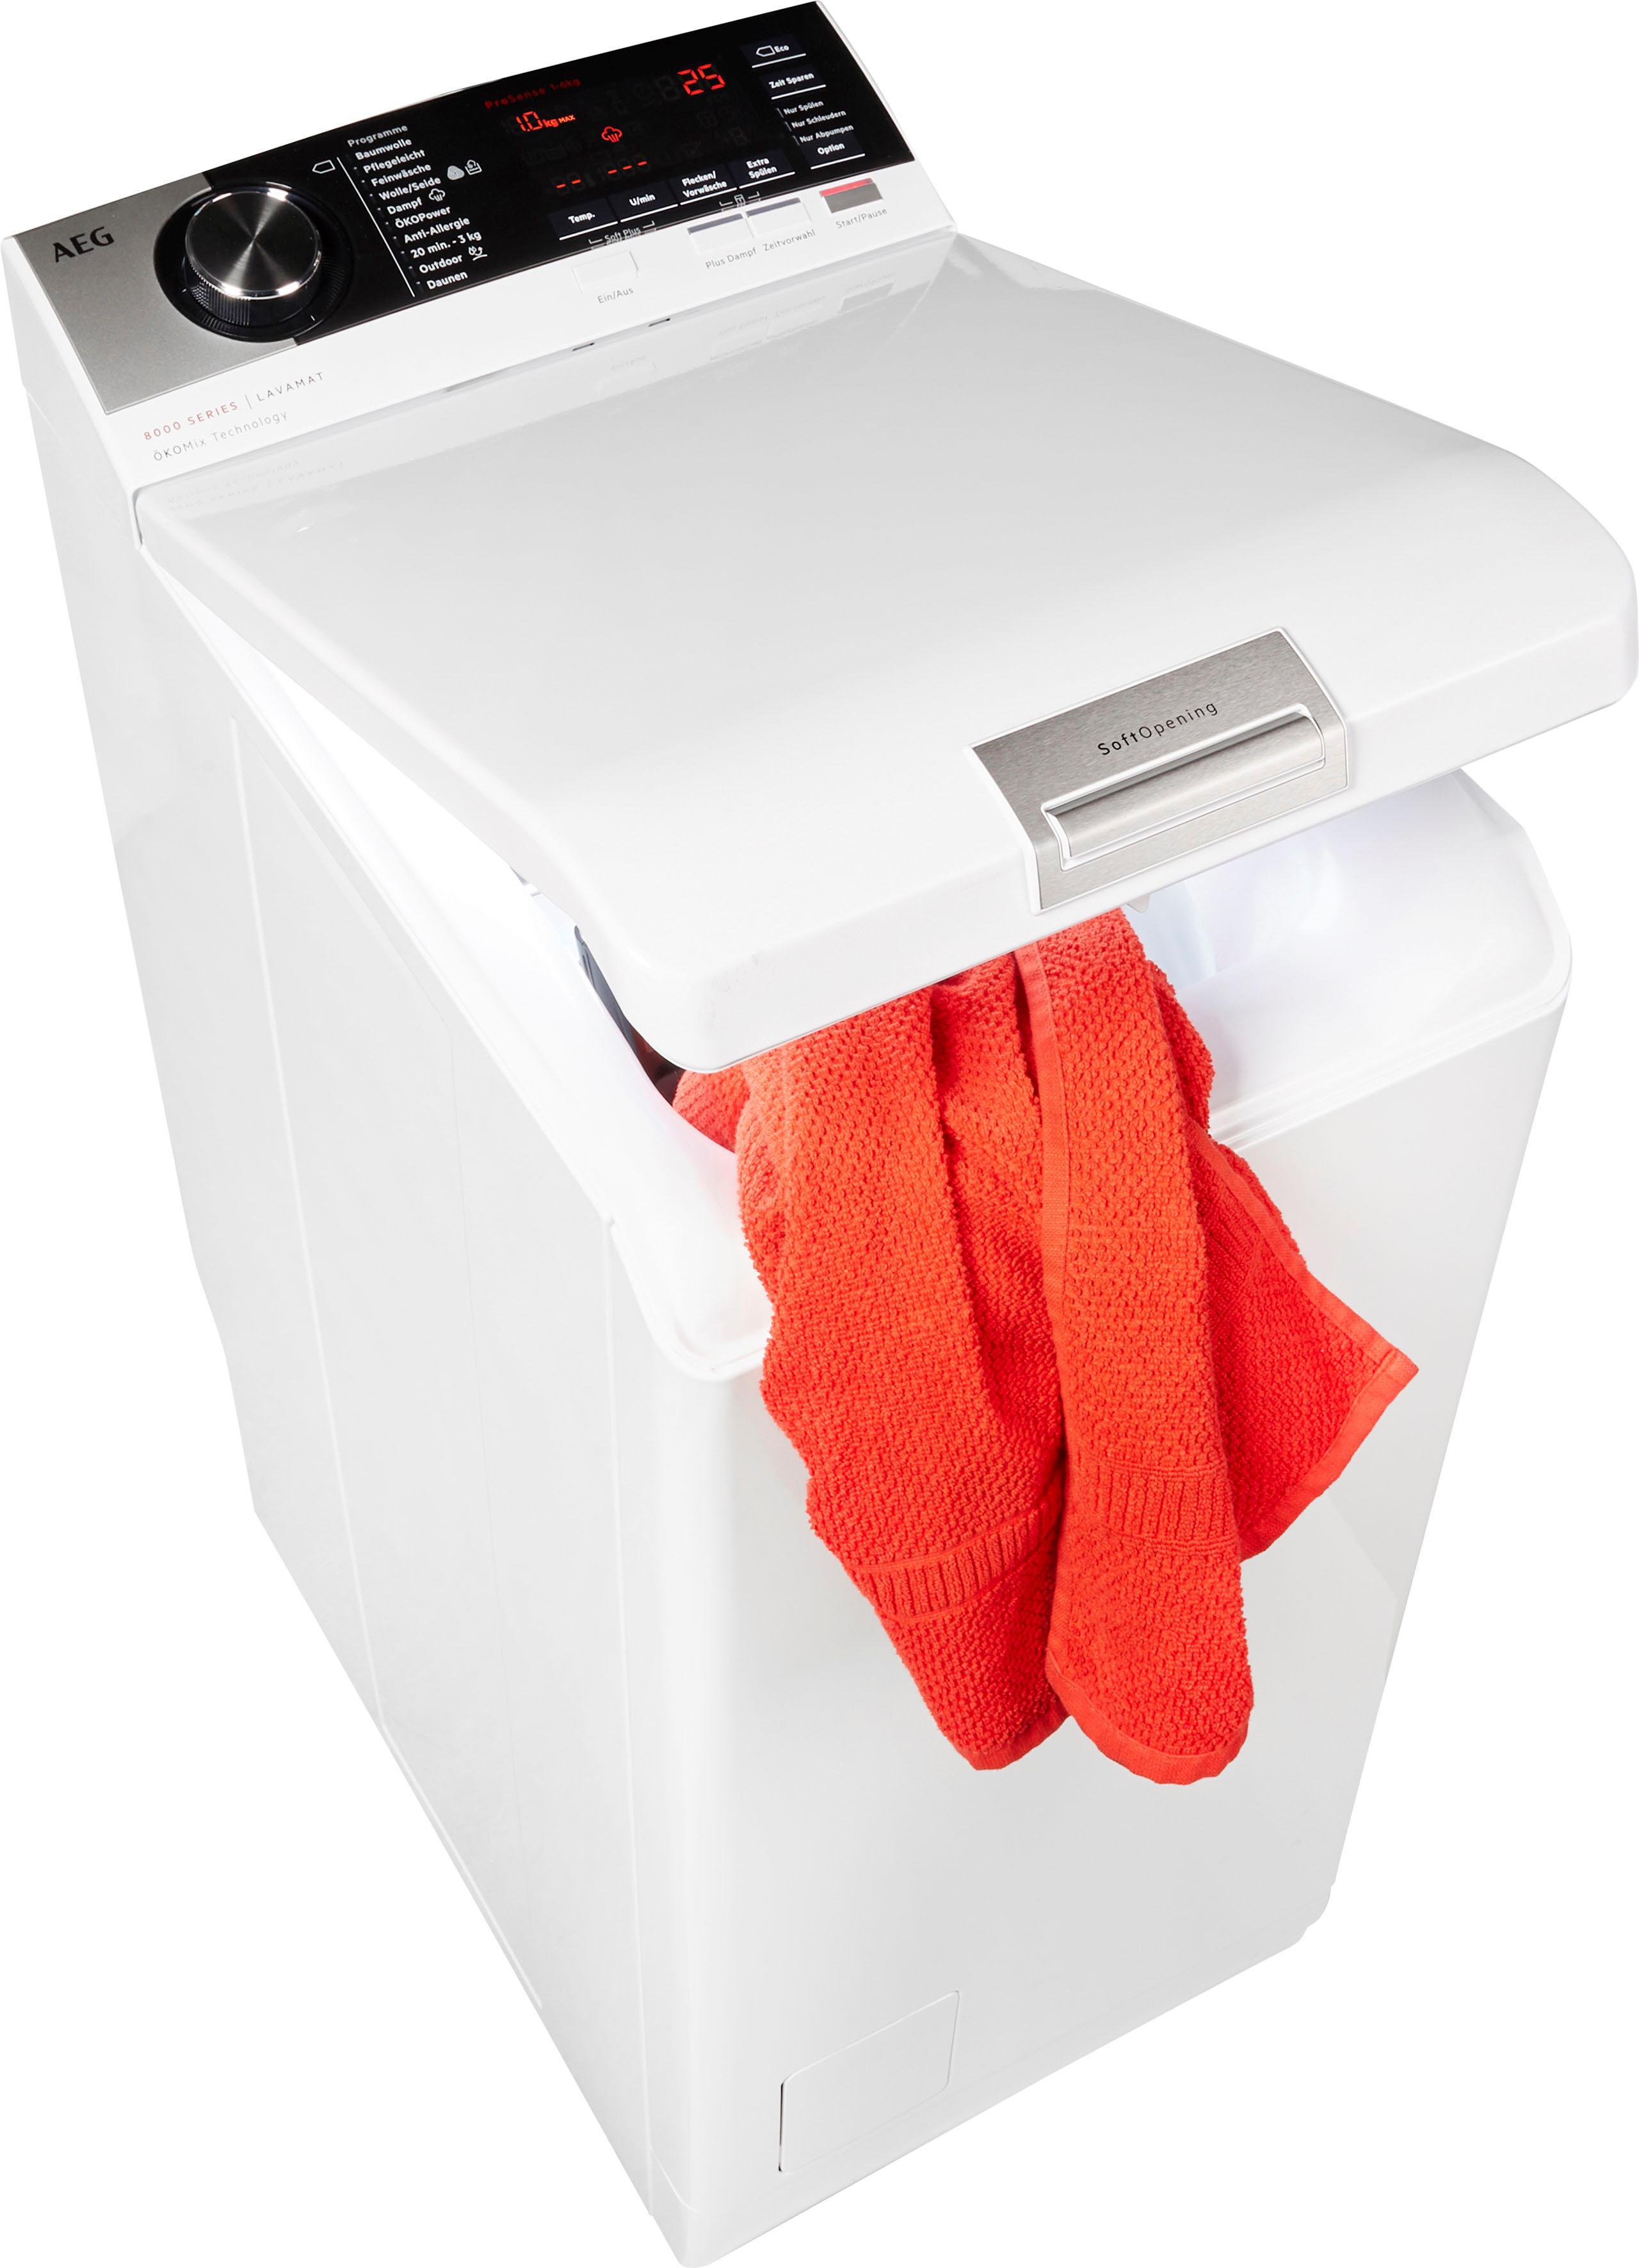 AEG Waschmaschine Toplader L8TE84565 | Bad > Waschmaschinen und Trockner > Toplader | AEG